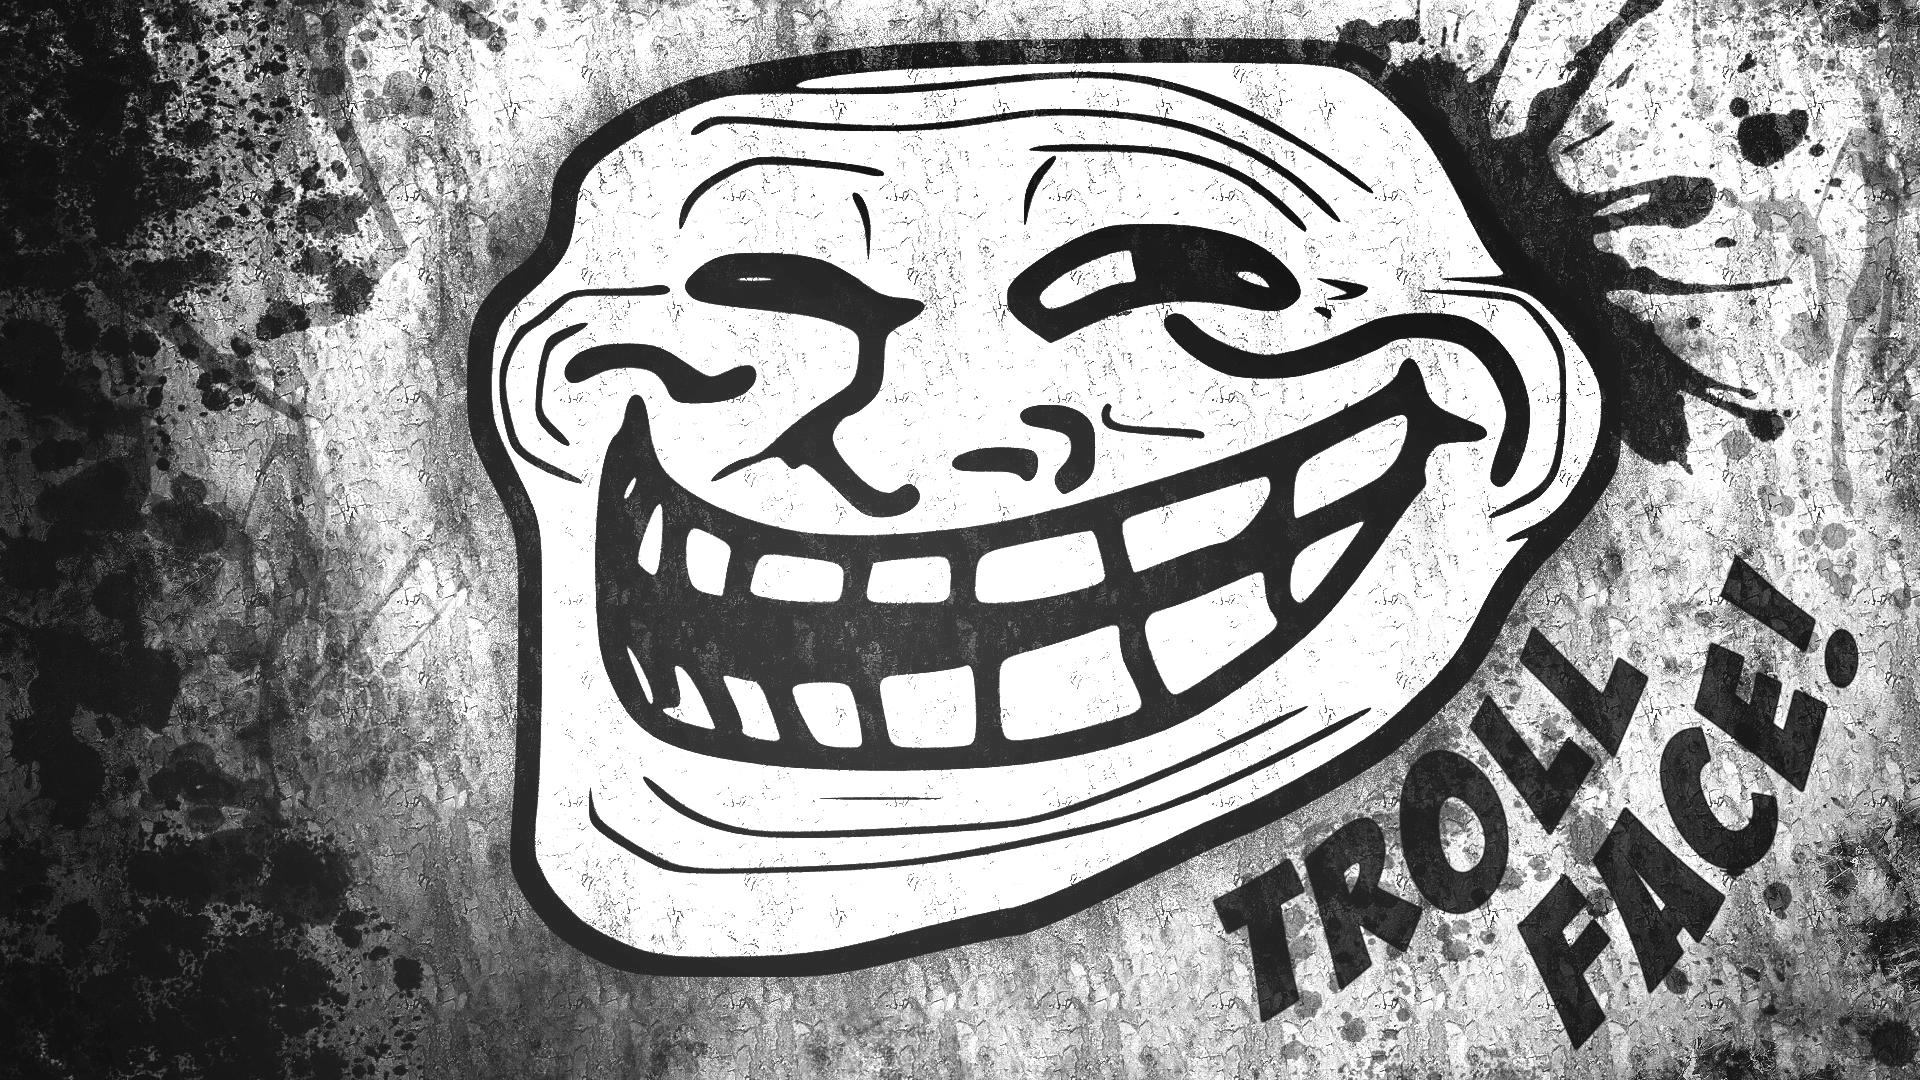 Trollface, a trademarked meme